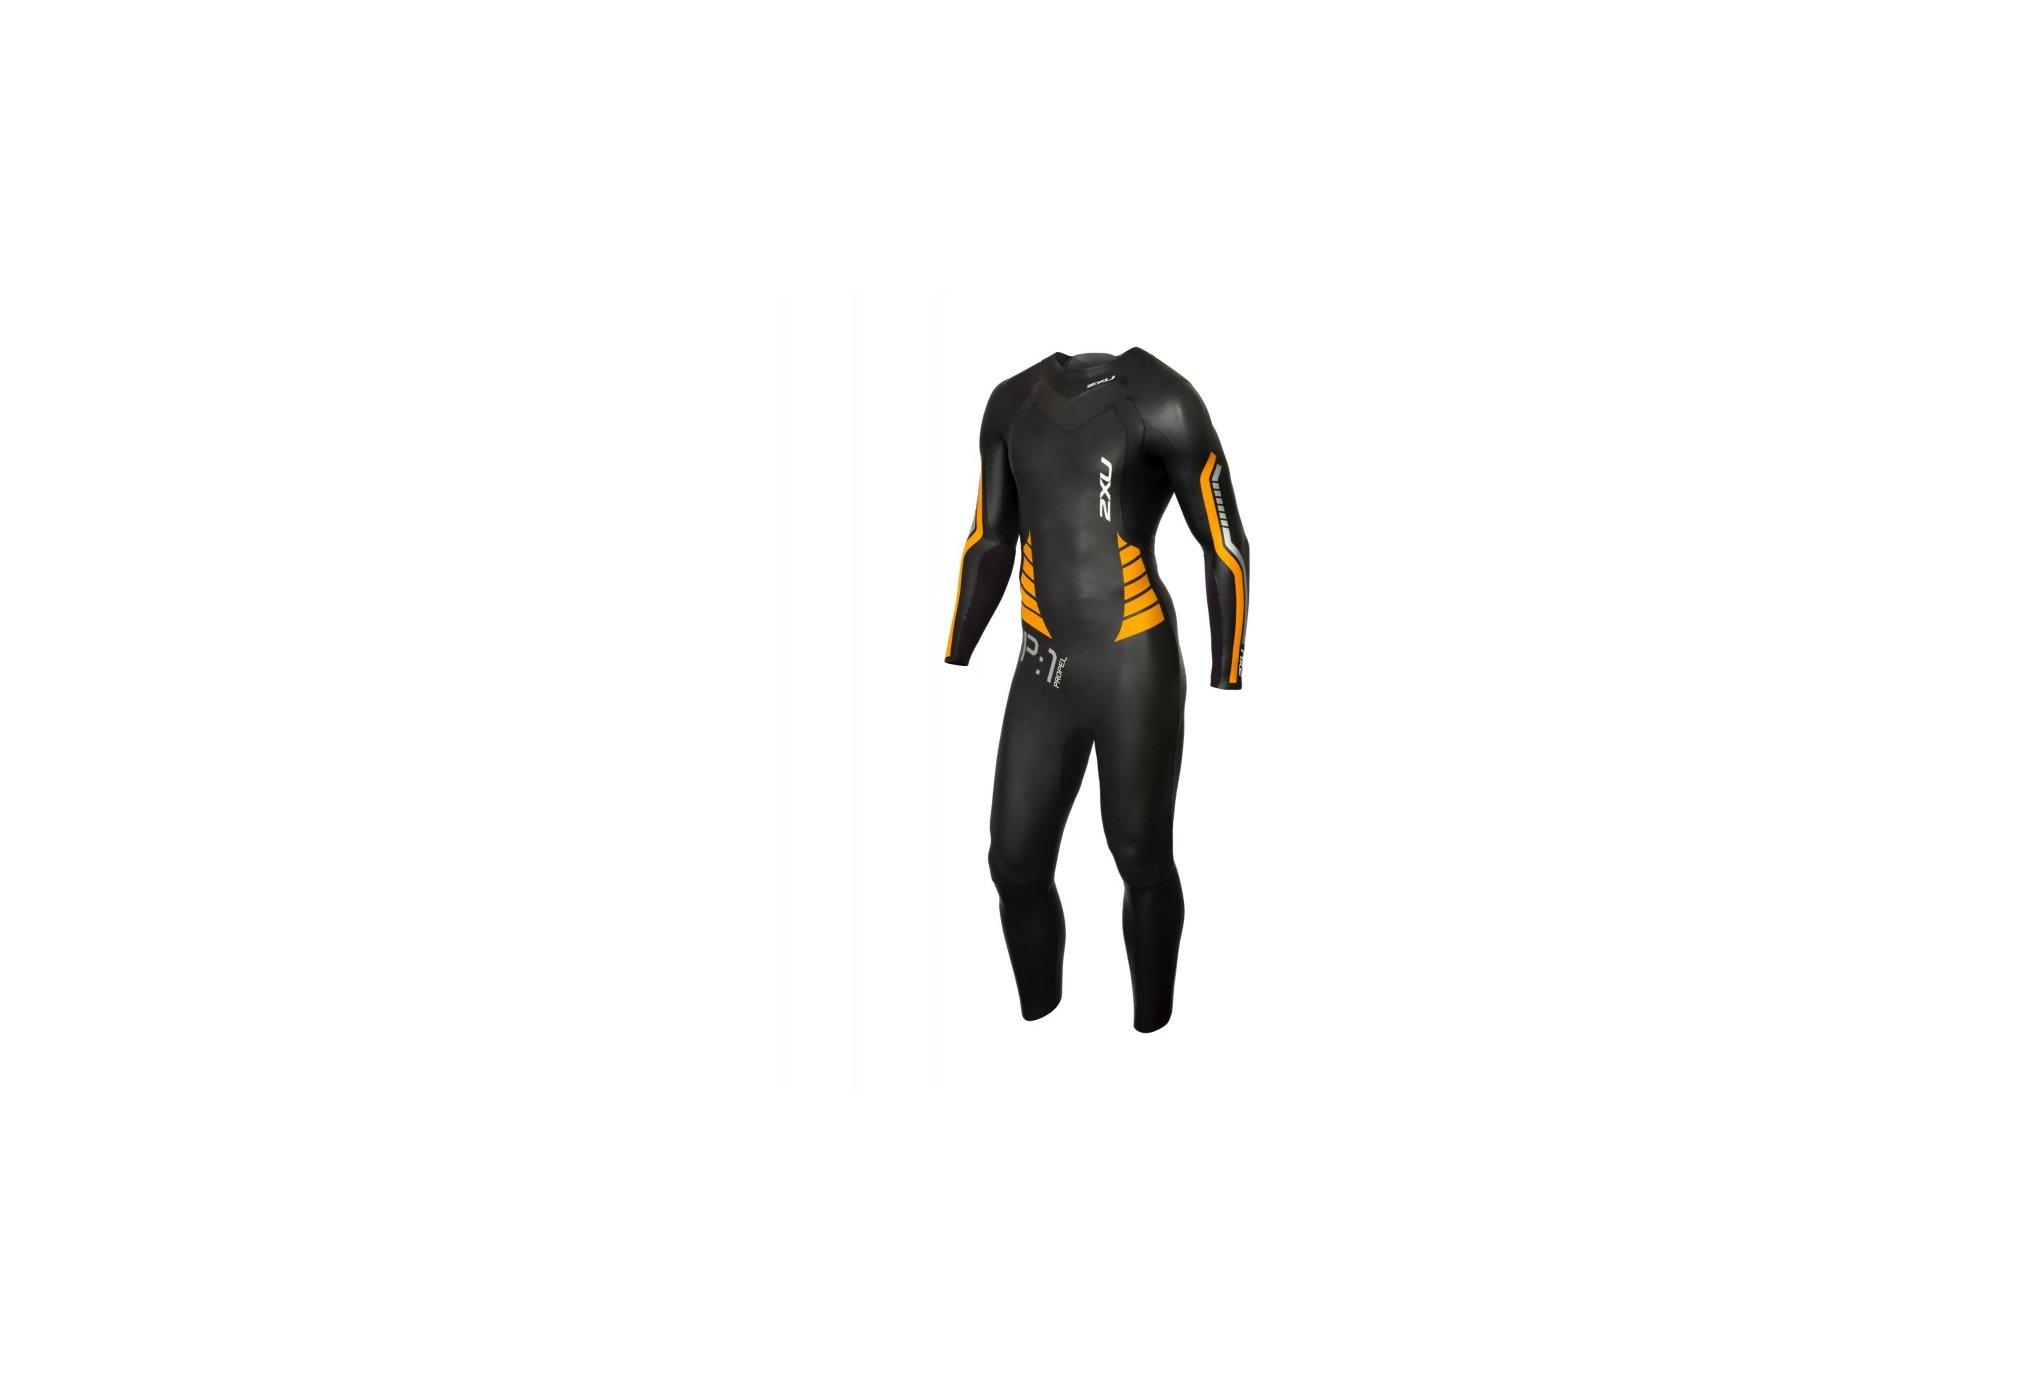 2xu Combinaison p:1 propel wetsuit (black/flame orange) m vêtement running homme